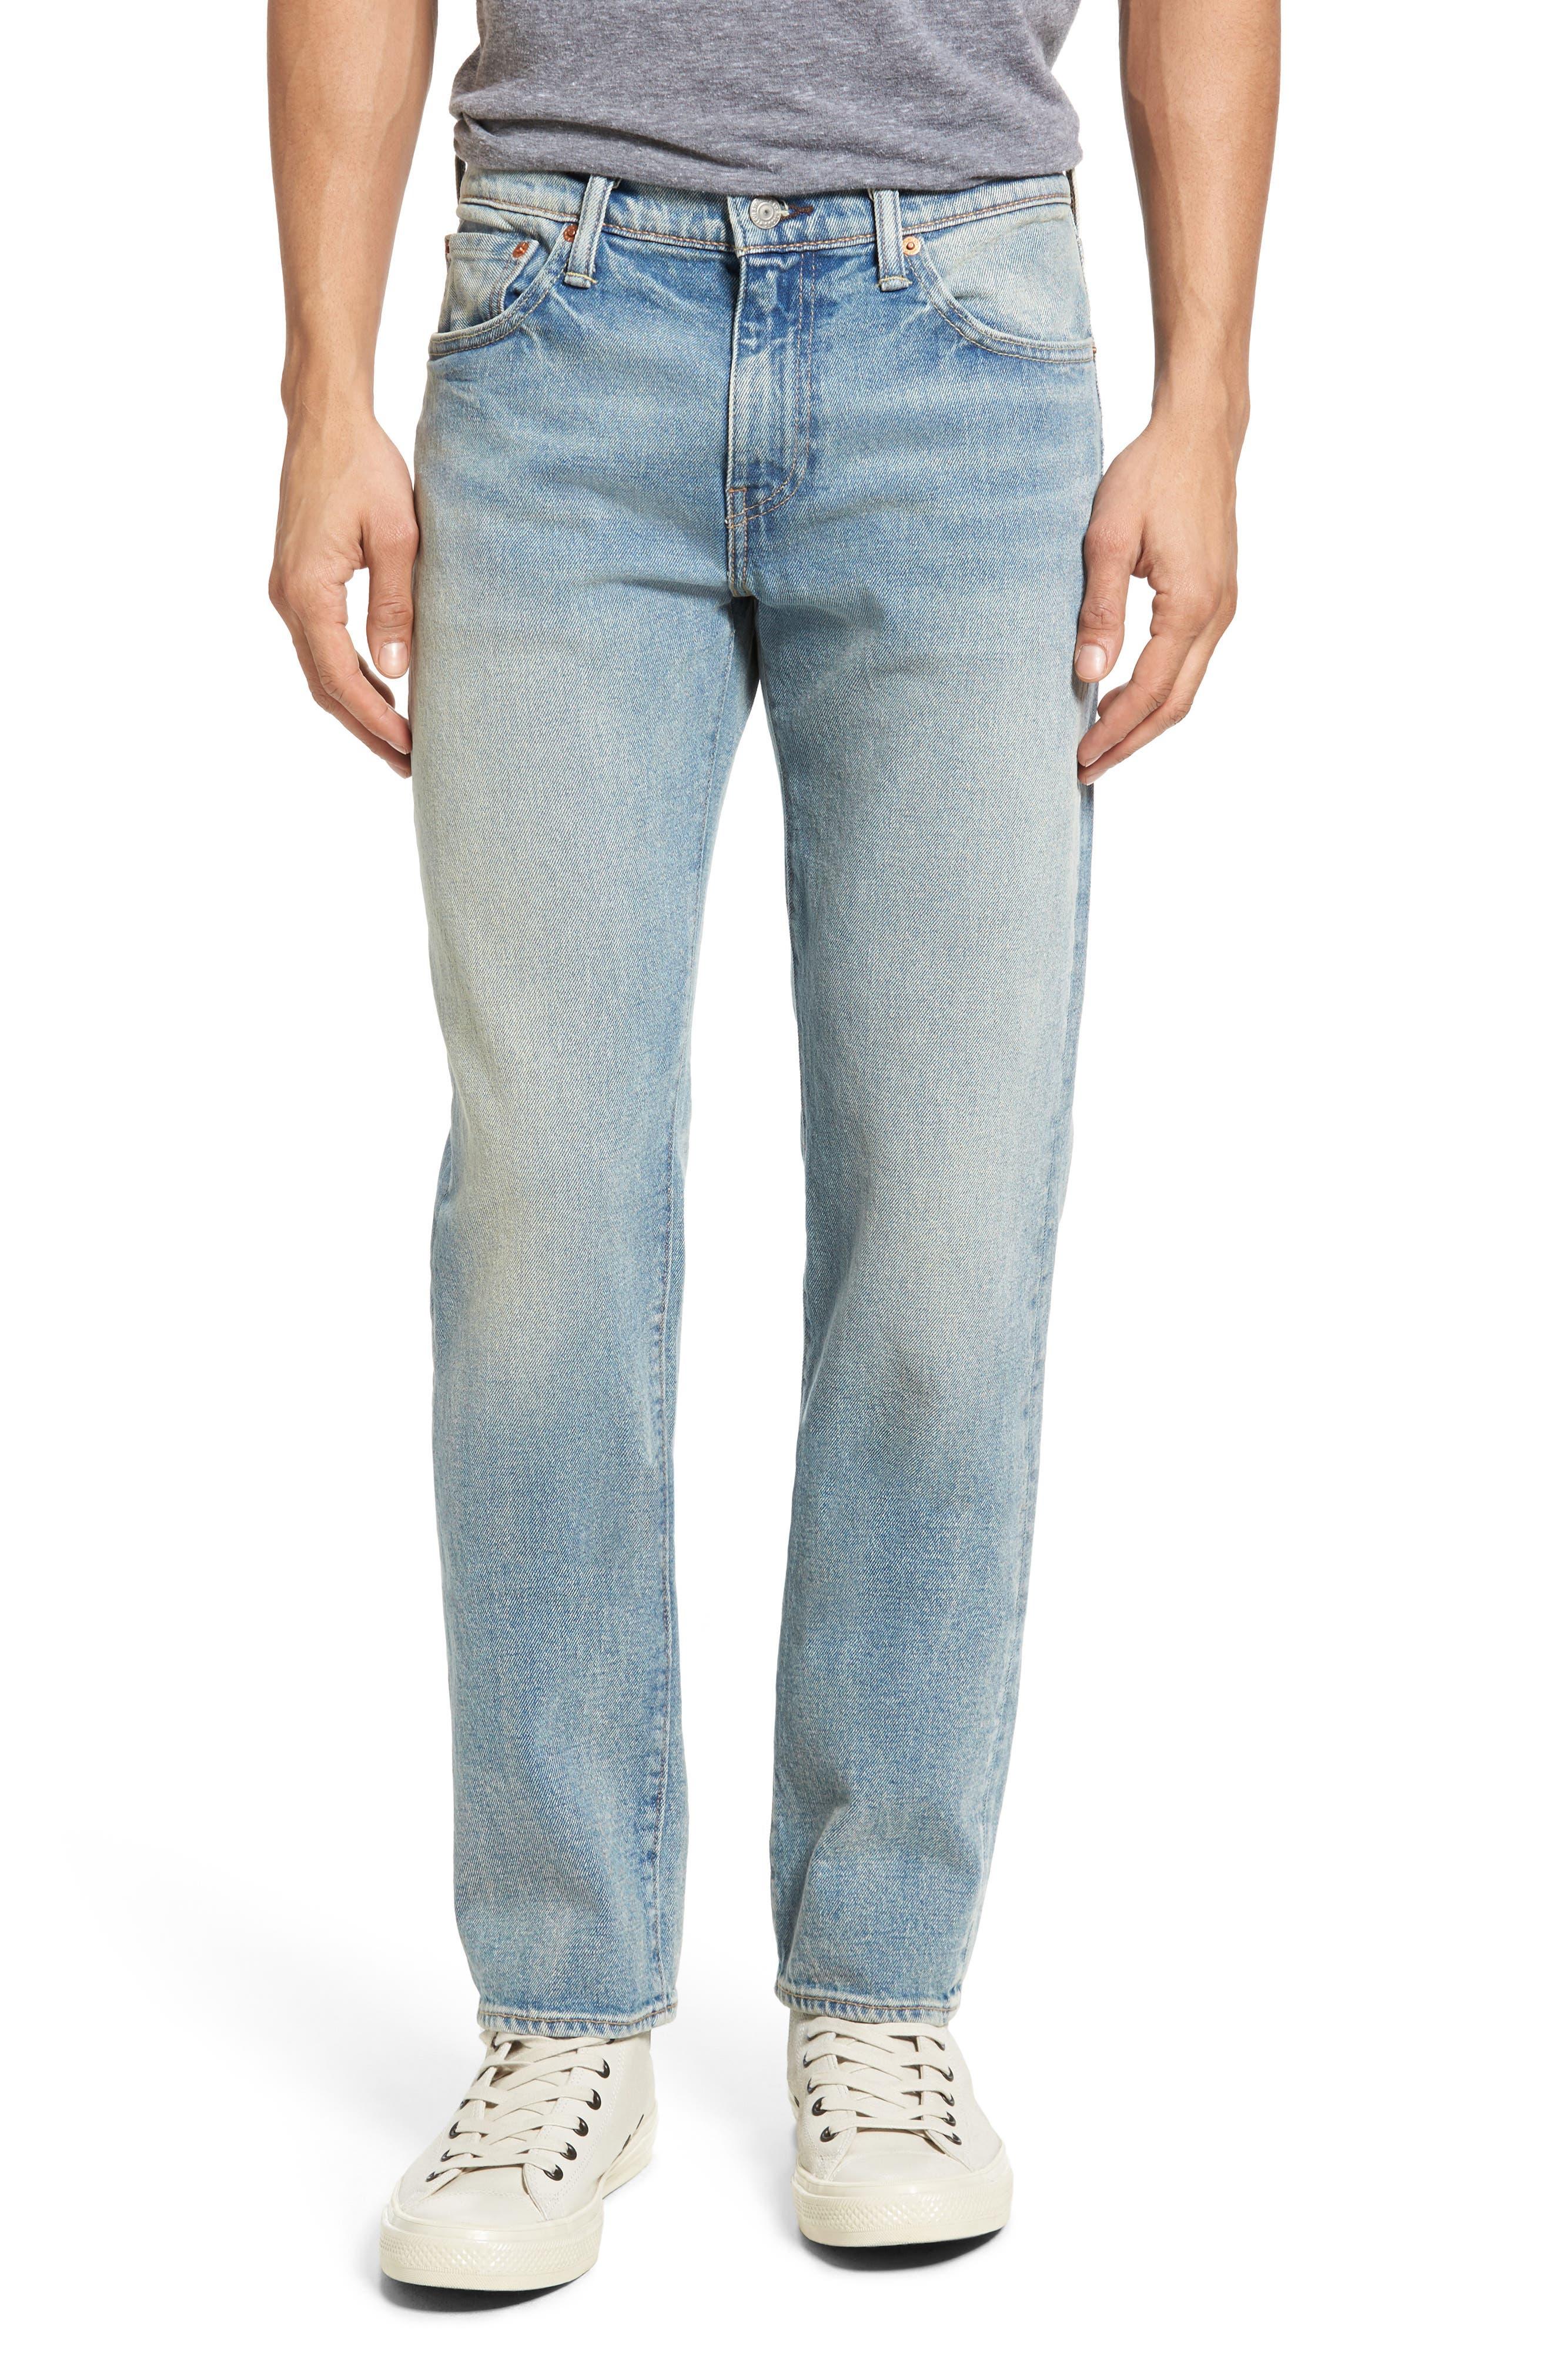 Levi's 511 Slim Fit Jeans,                         Main,                         color, 402